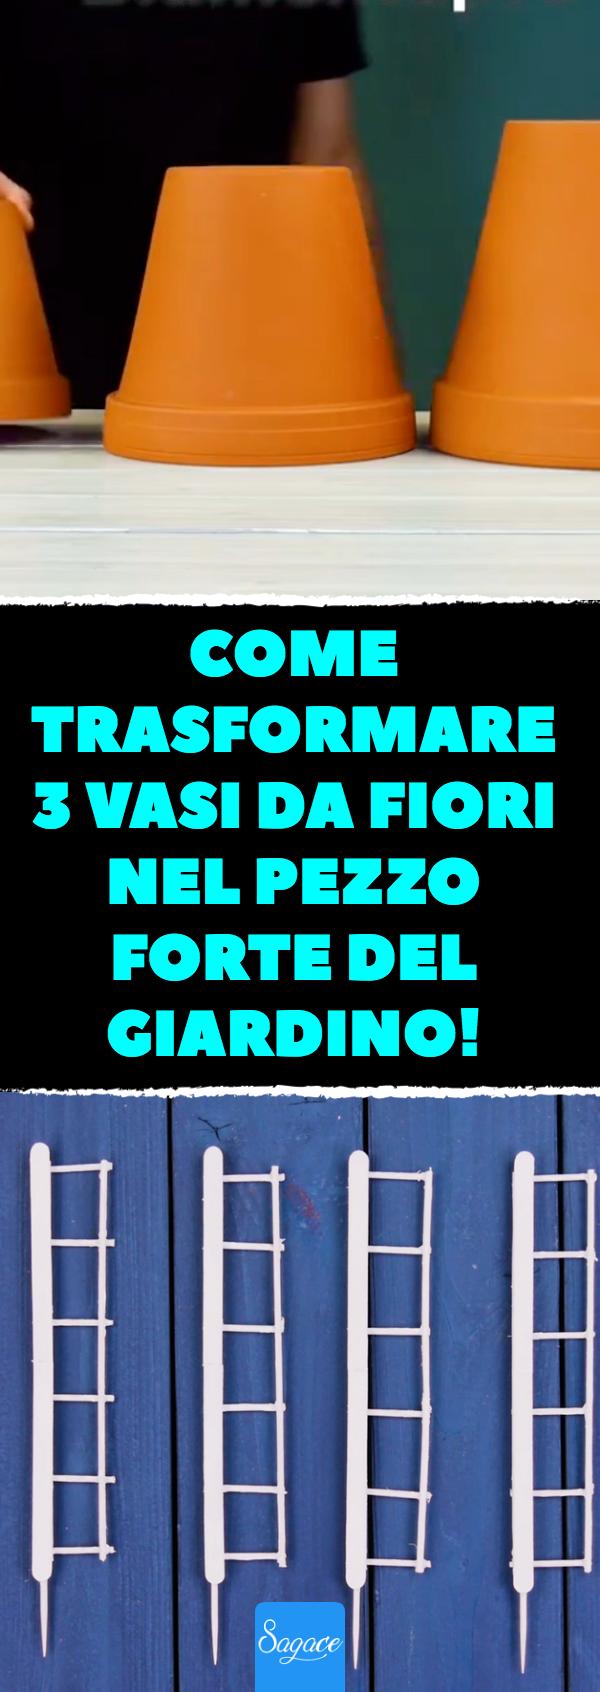 Photo of Come trasformare 3 vasi da fiori NEL pezzo forte del giardino!